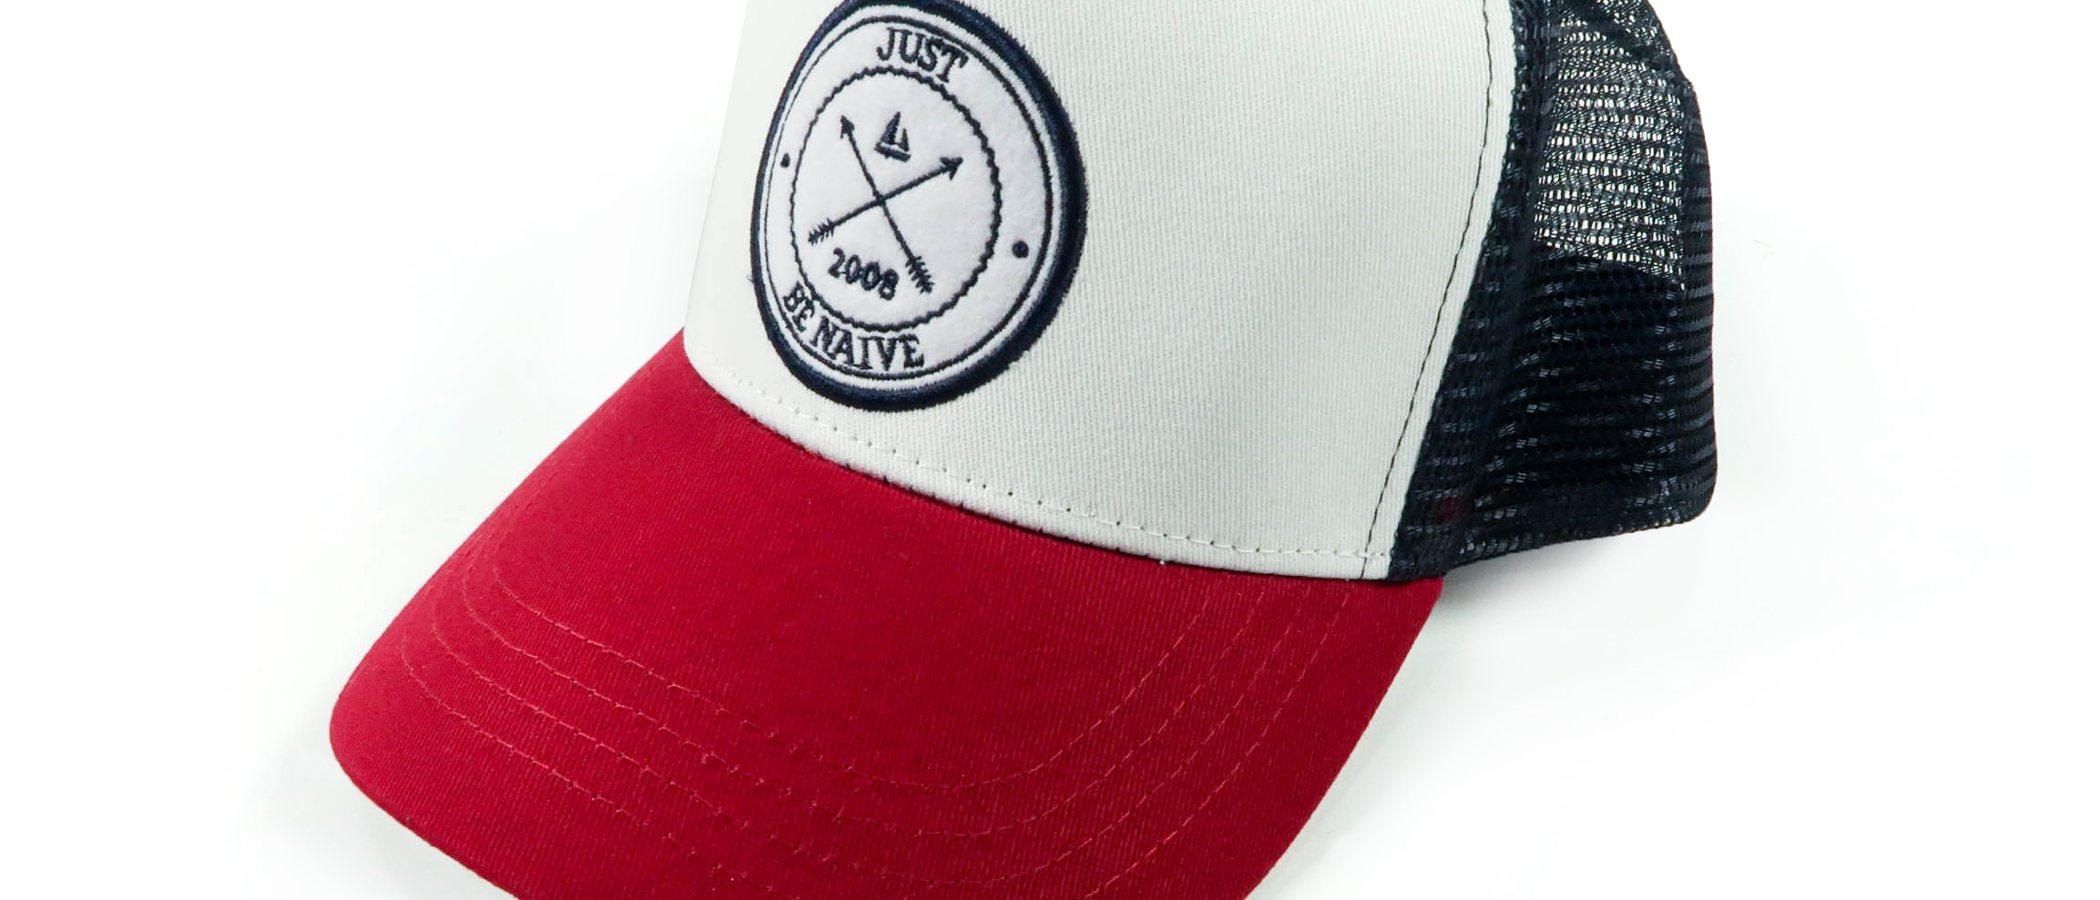 Naïve presenta su colección de gorras para verano 2018